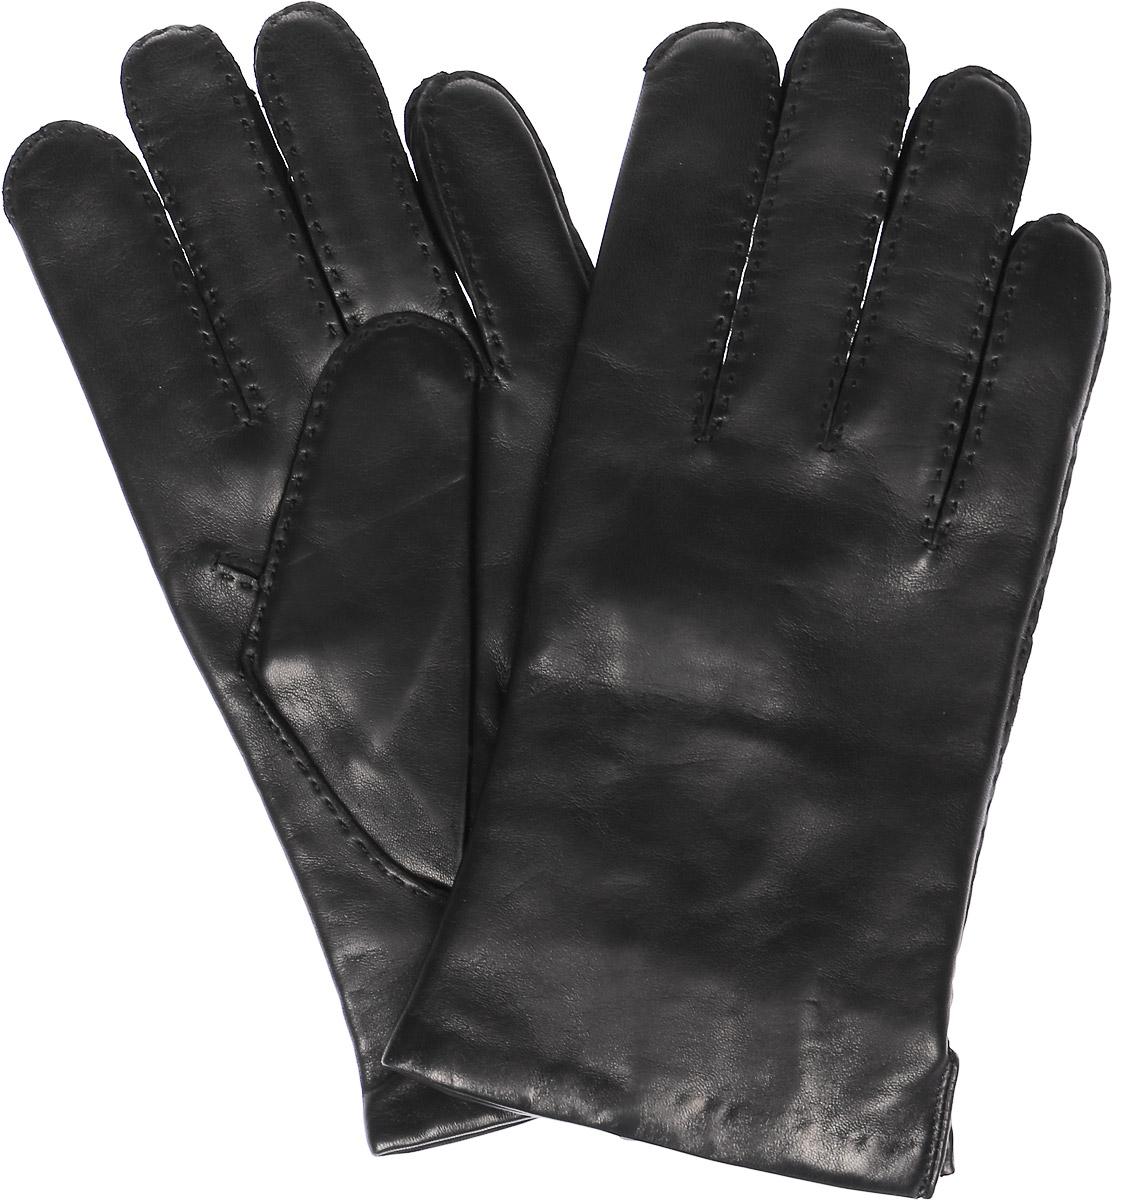 Перчатки мужские Michel Katana, цвет: черный. K11-PORINGE. Размер 8,5K11-PORINGE/BLМужские перчатки Michel Katana не только защитят ваши руки, но и станут великолепным украшением. Перчатки выполнены из натуральной кожи, а подкладка - из высококачественной шерсти.